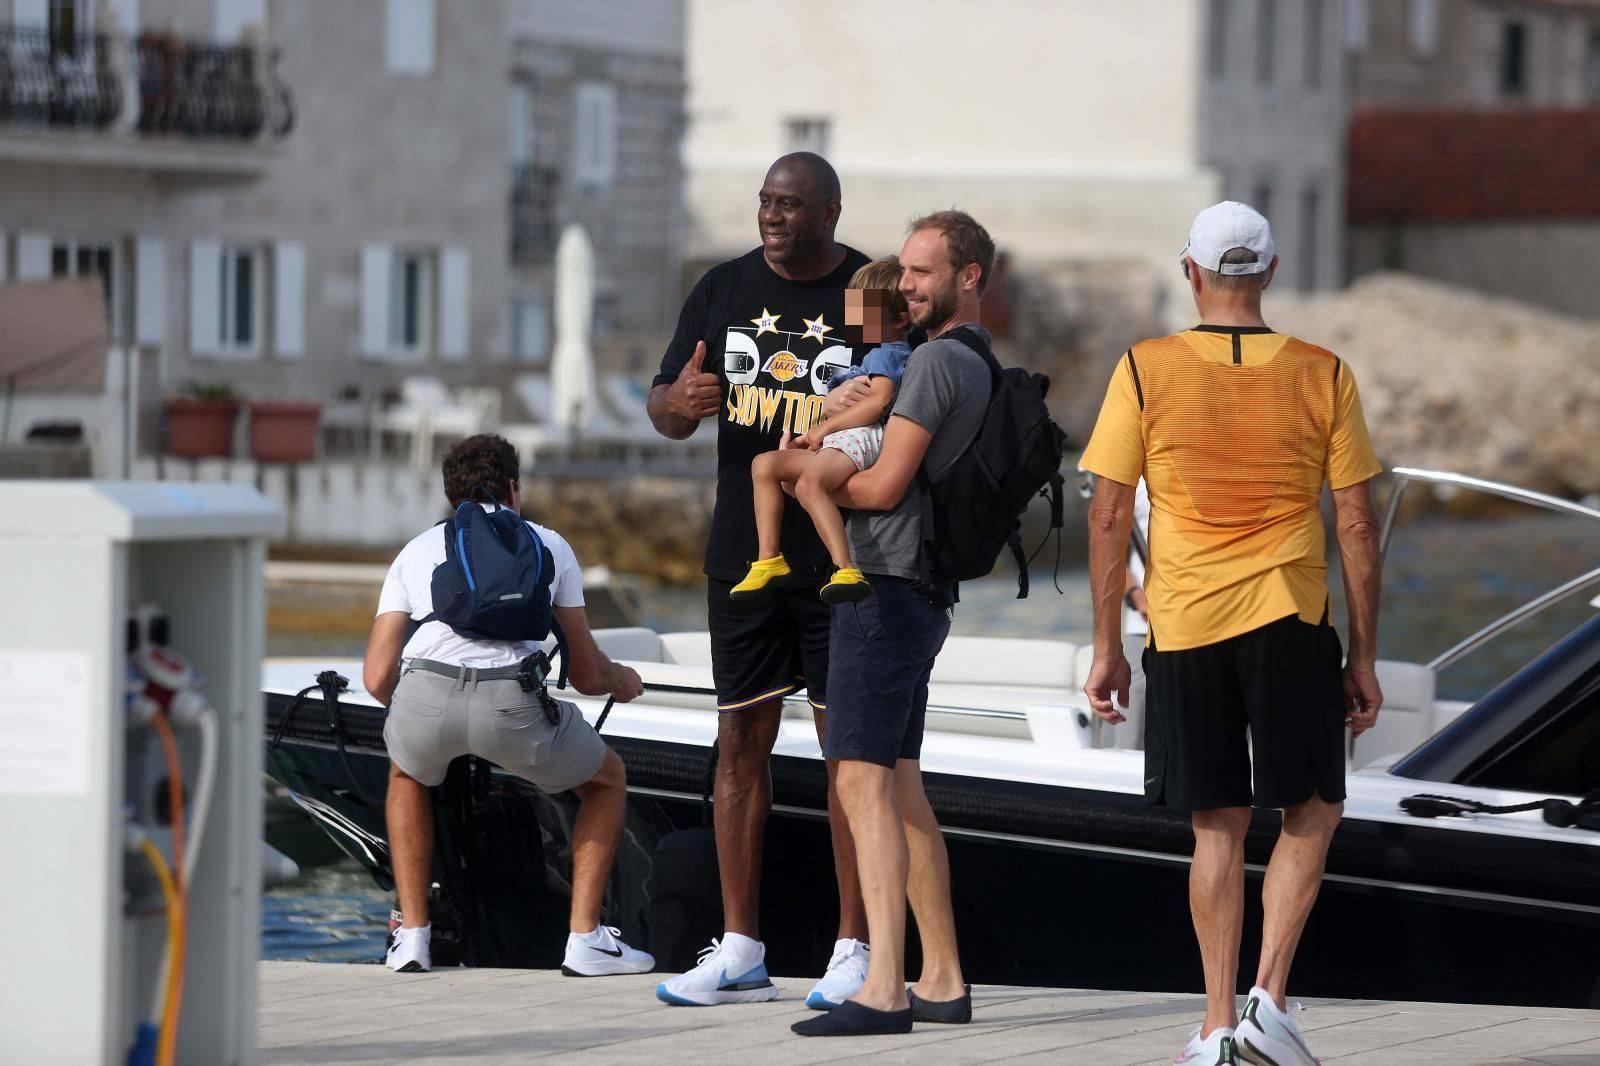 Magic Johnson vježbao na Visu i strpljivo se fotkao s fanovima